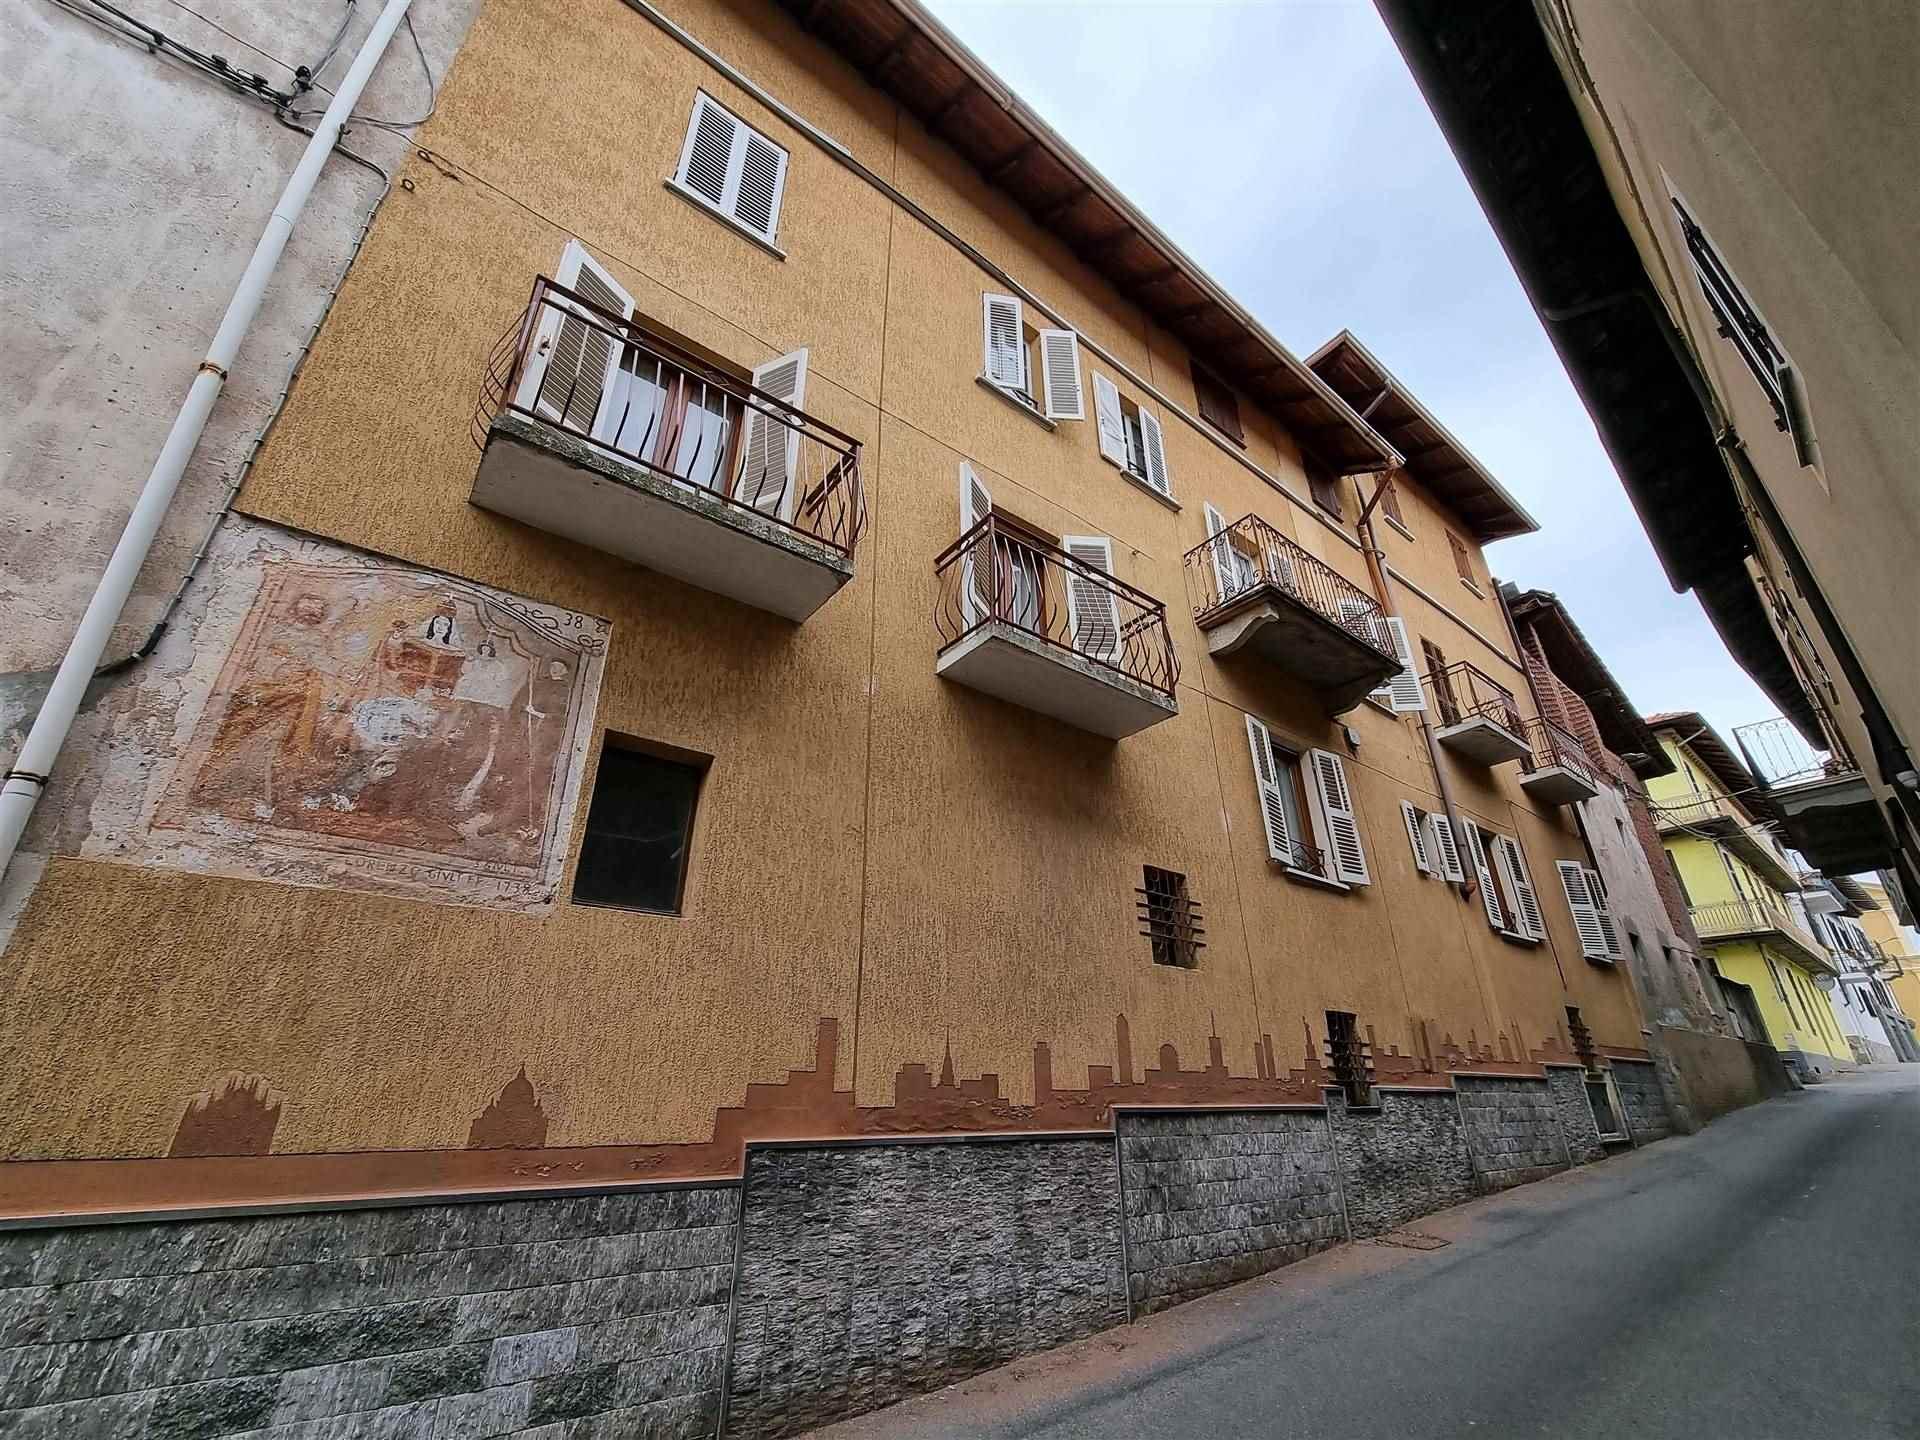 Soluzione Semindipendente in vendita a Roasio, 6 locali, zona Località: SAN GIORGIO, prezzo € 28.000 | CambioCasa.it